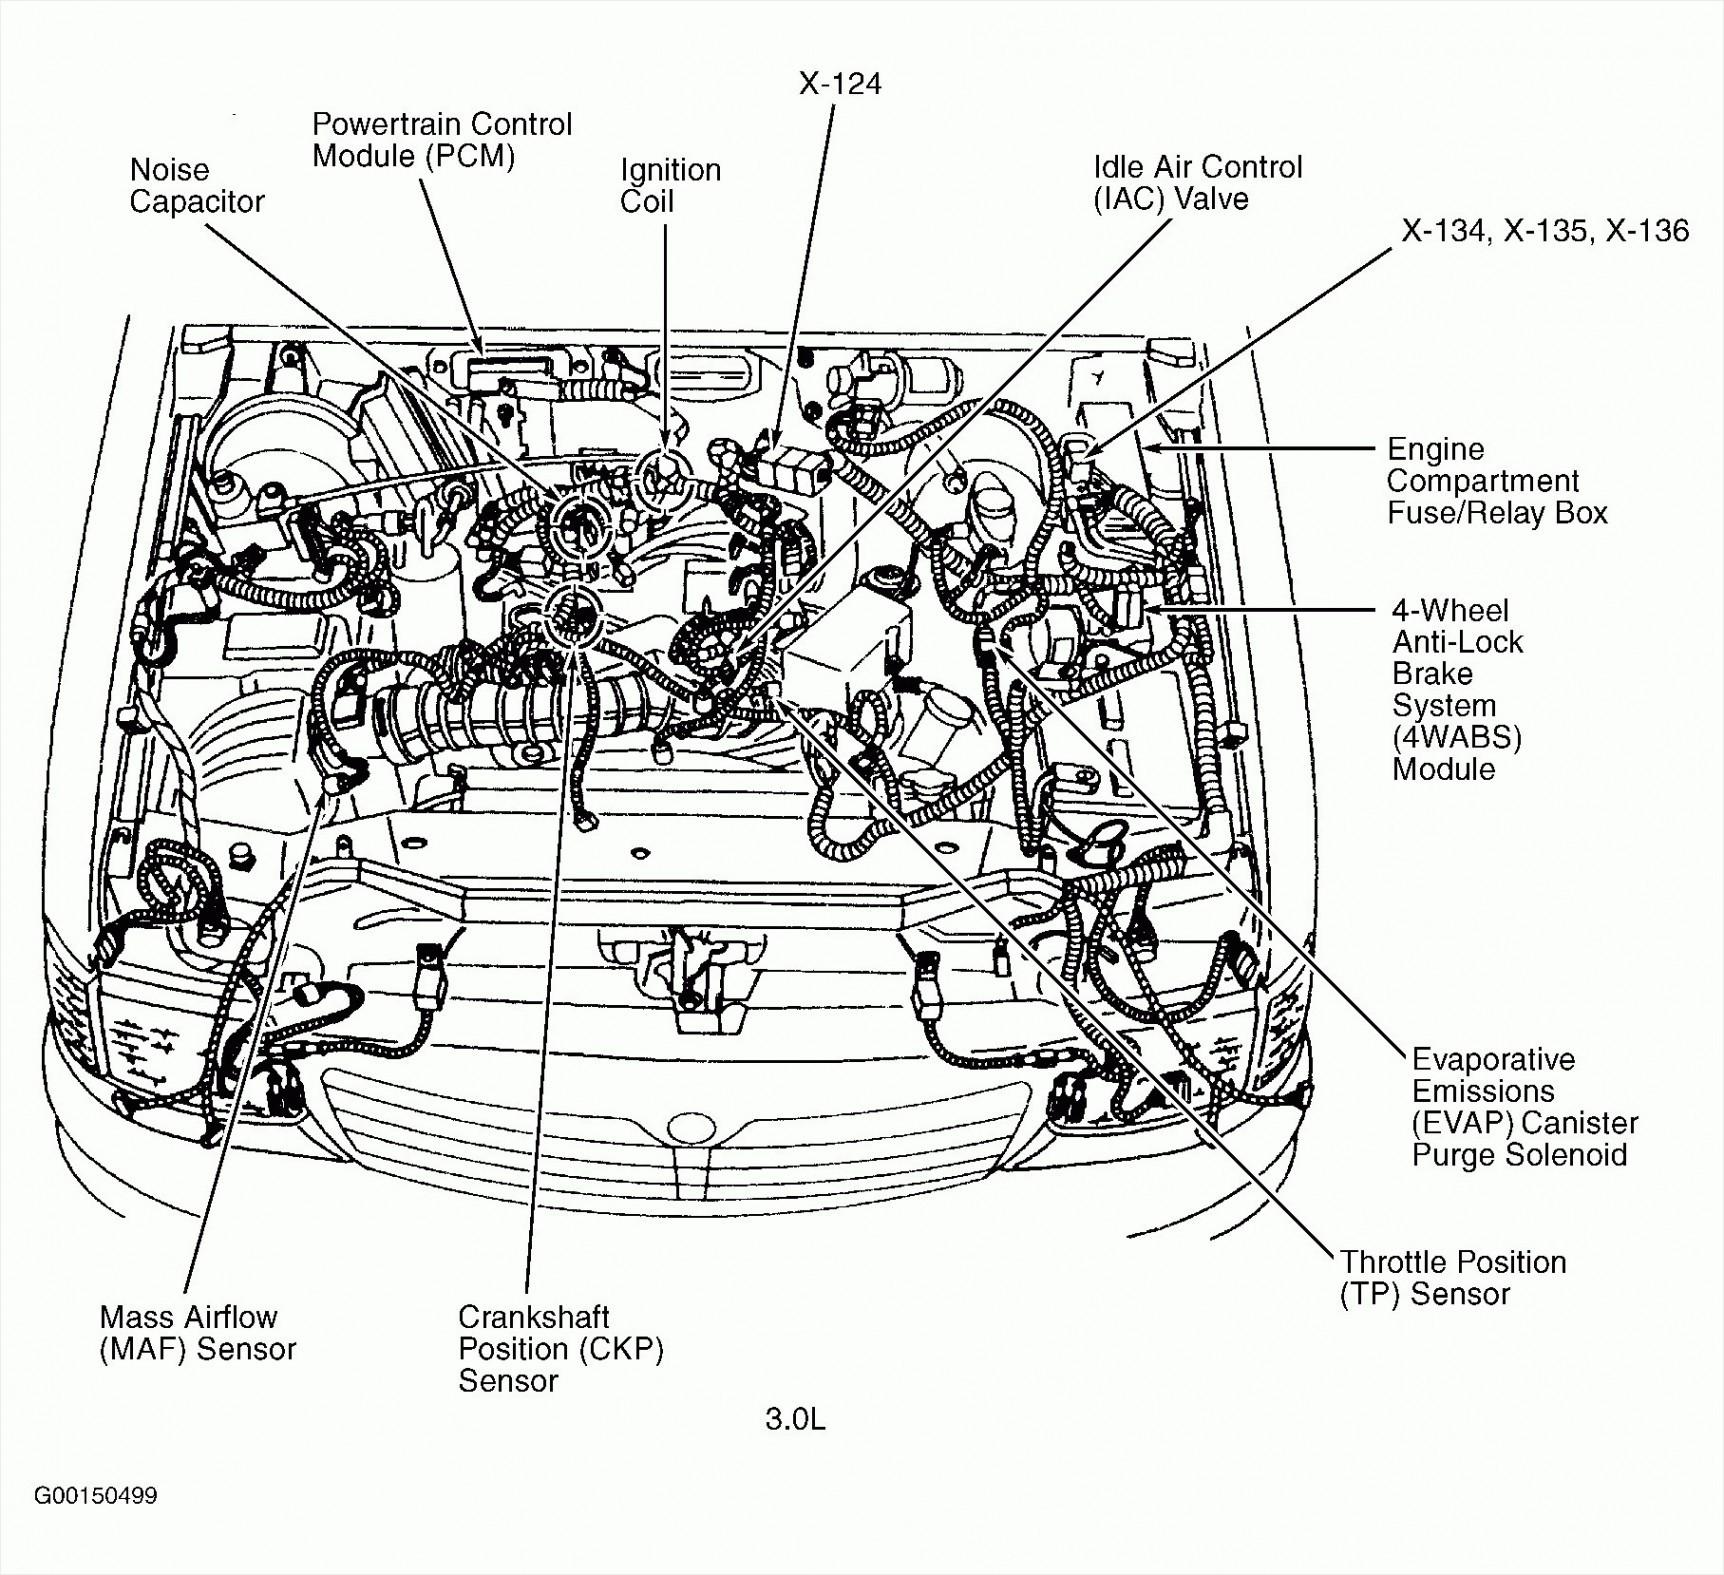 2006 Dodge Stratus Engine Diagram - Wiring Diagram Recent pipe-room -  pipe-room.cosavedereanapoli.it | 2005 Hemi Engine Wire Diagrams |  | pipe-room.cosavedereanapoli.it